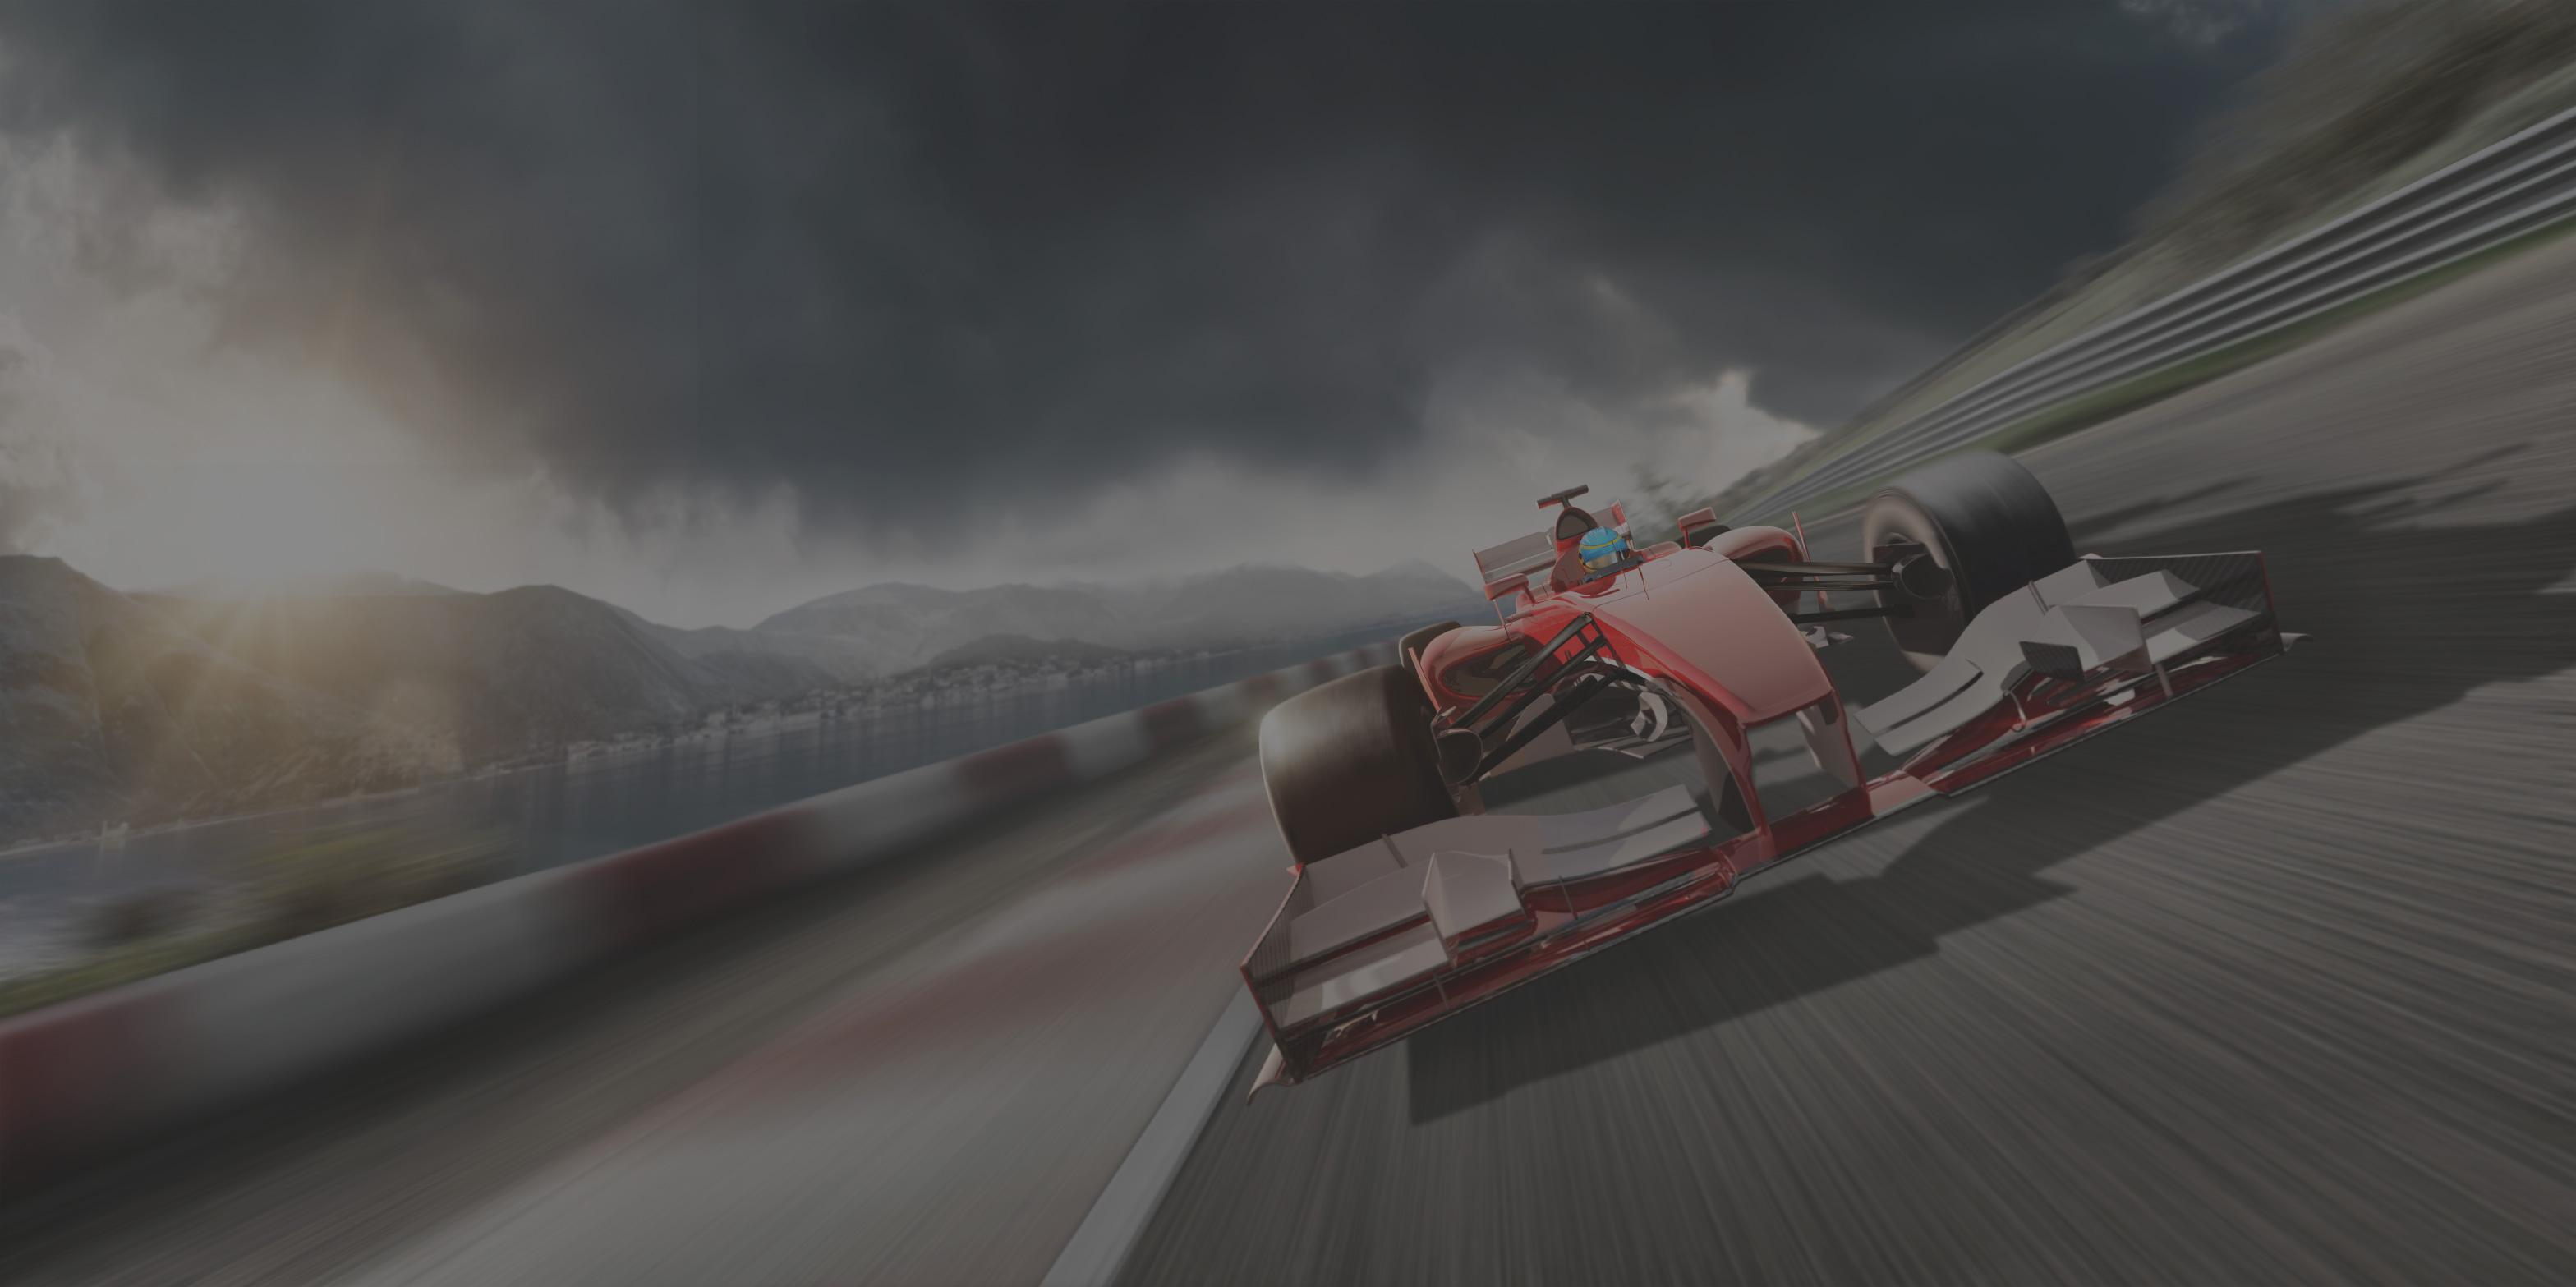 RaceCar_dg60-1